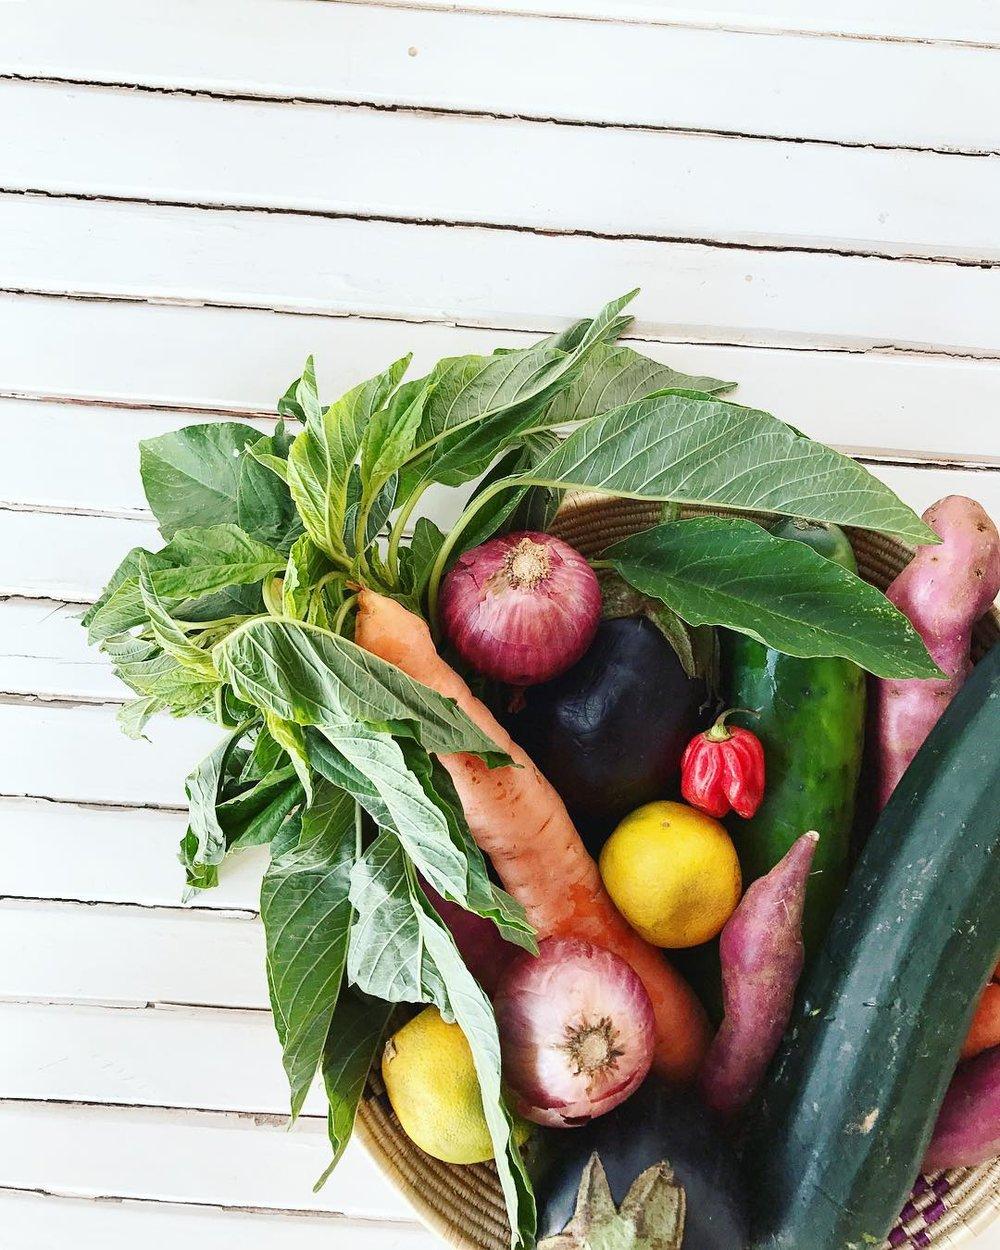 Fresh vegetables from the market in Muramvya.